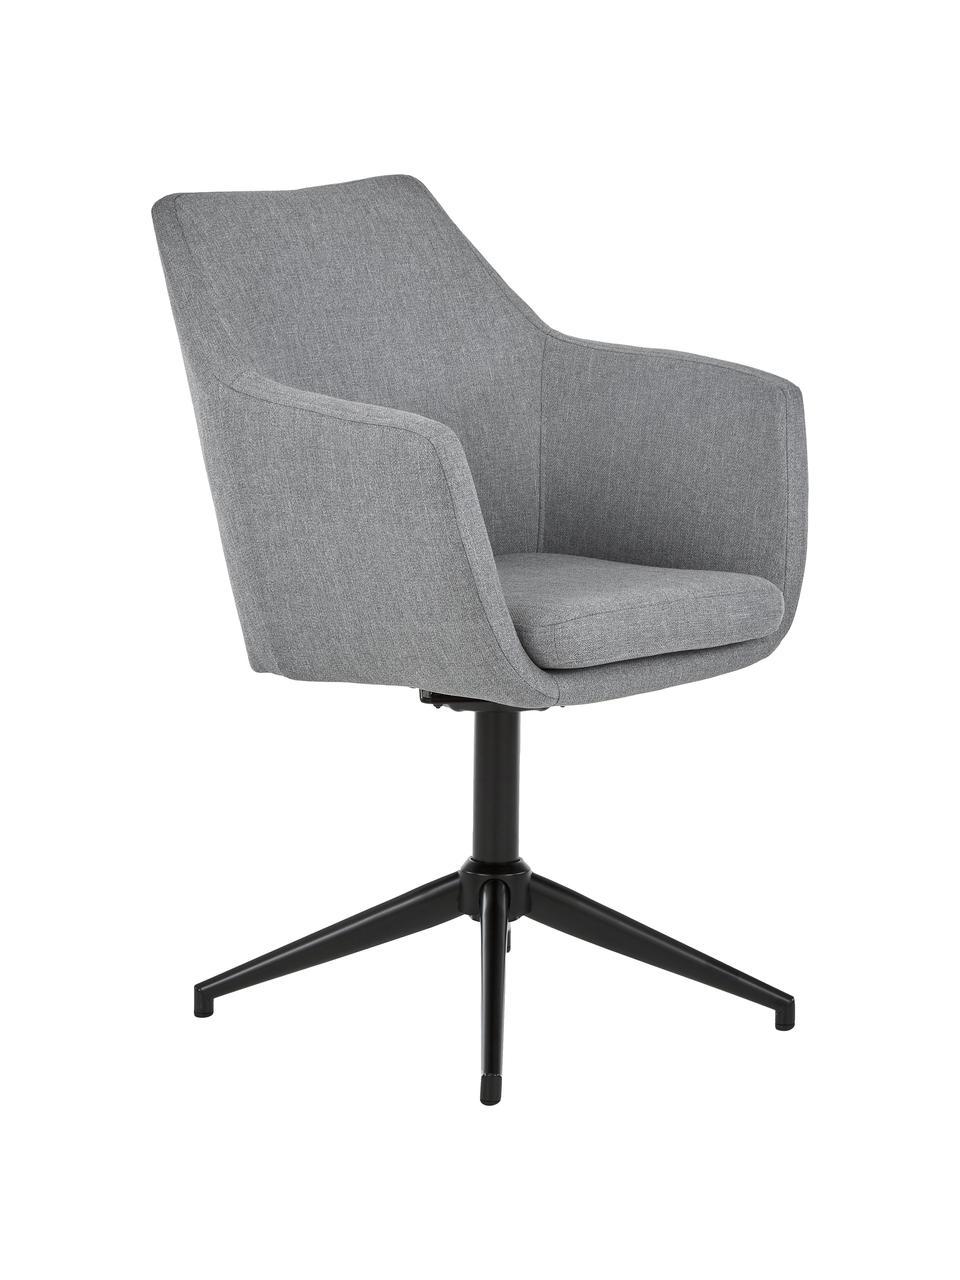 Krzesło tapicerowane z podłokietnikami Nora, obrotowe, Tapicerka: poliester, Stelaż: metal malowany proszkowo, Jasny szary, czarny, S 58 x G 57 cm